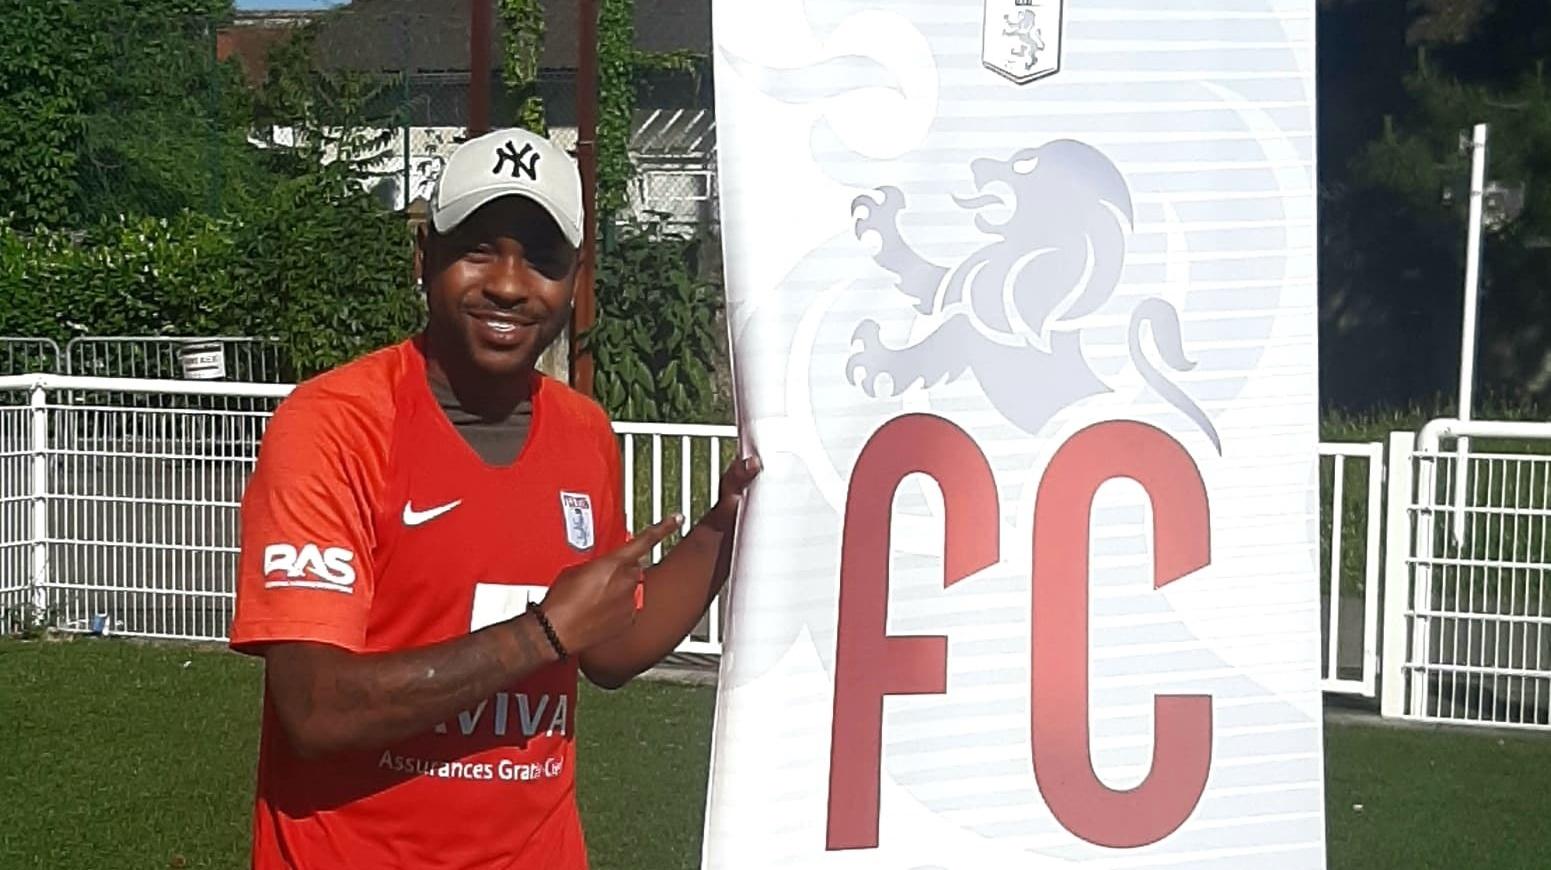 Նեյմարի զարմիկը պայմանագիր է կնքել ֆրանսիական սիրողական ակումբի հետ